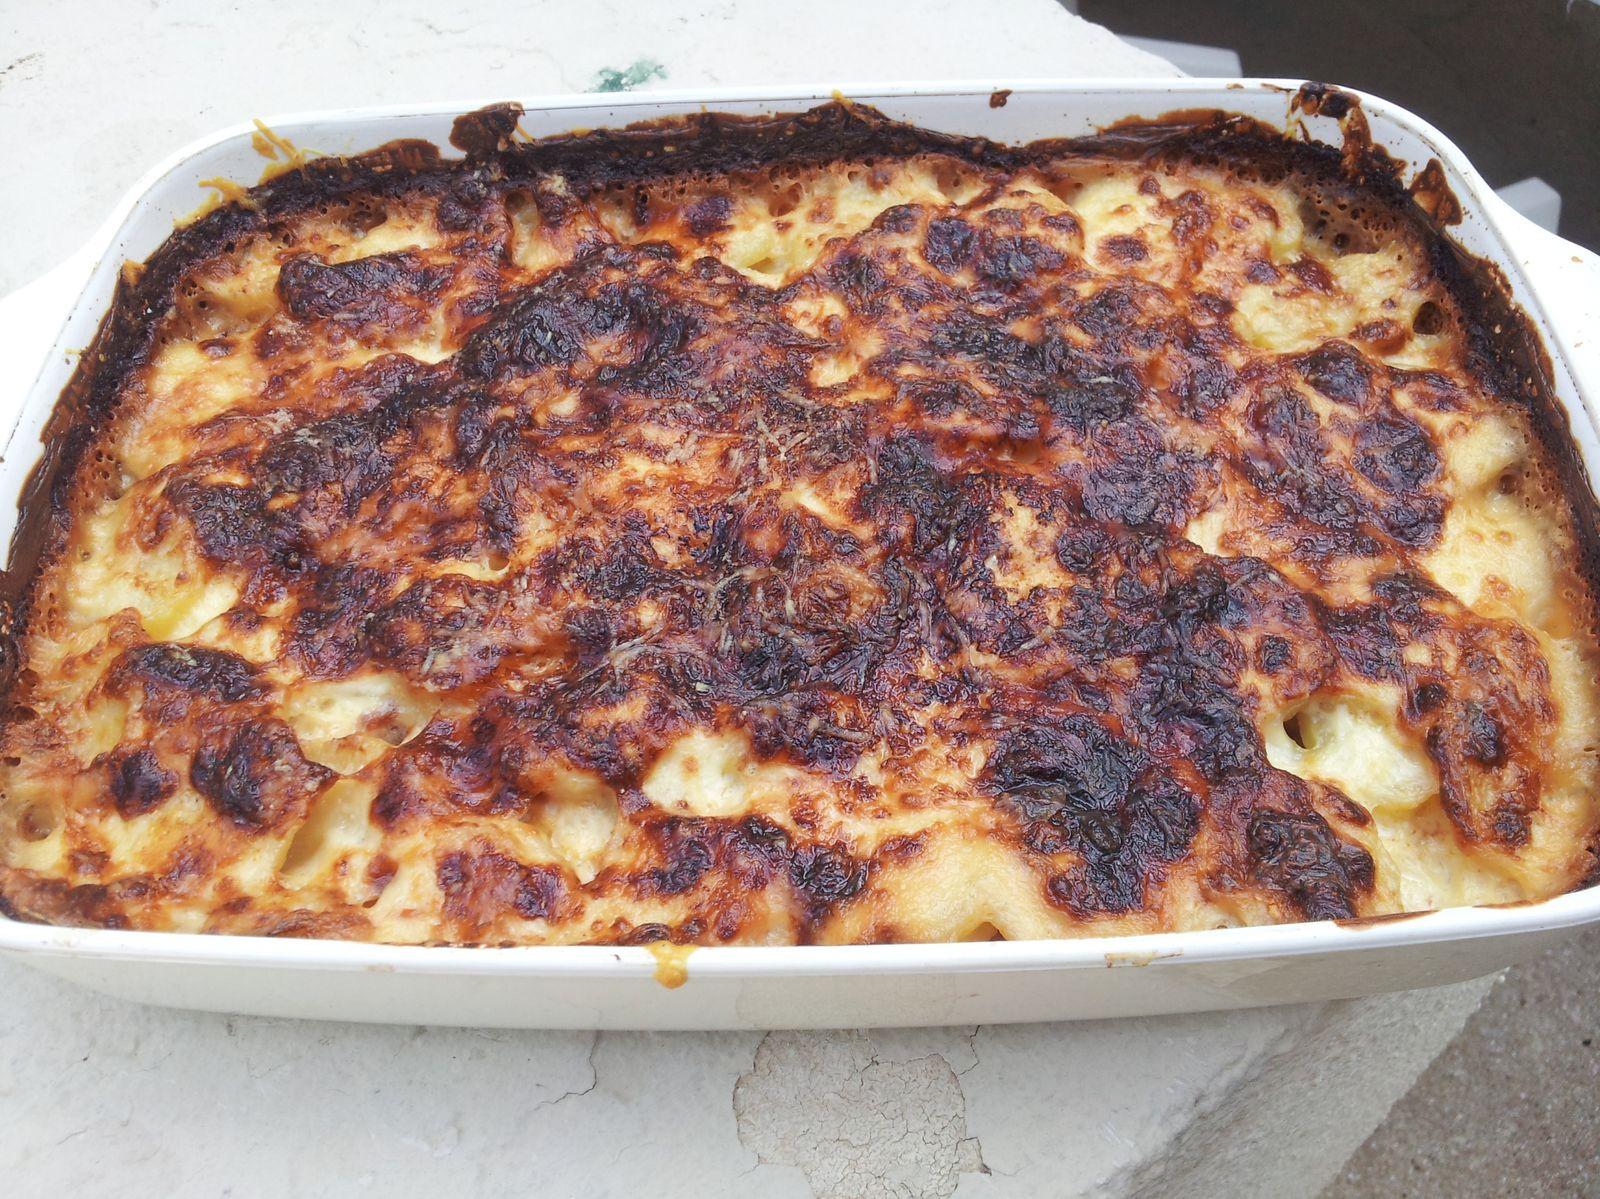 Gratin de pommes de terre jambon le blog de lapopotteduclocher - Gratin de pomme de terre jambon ...